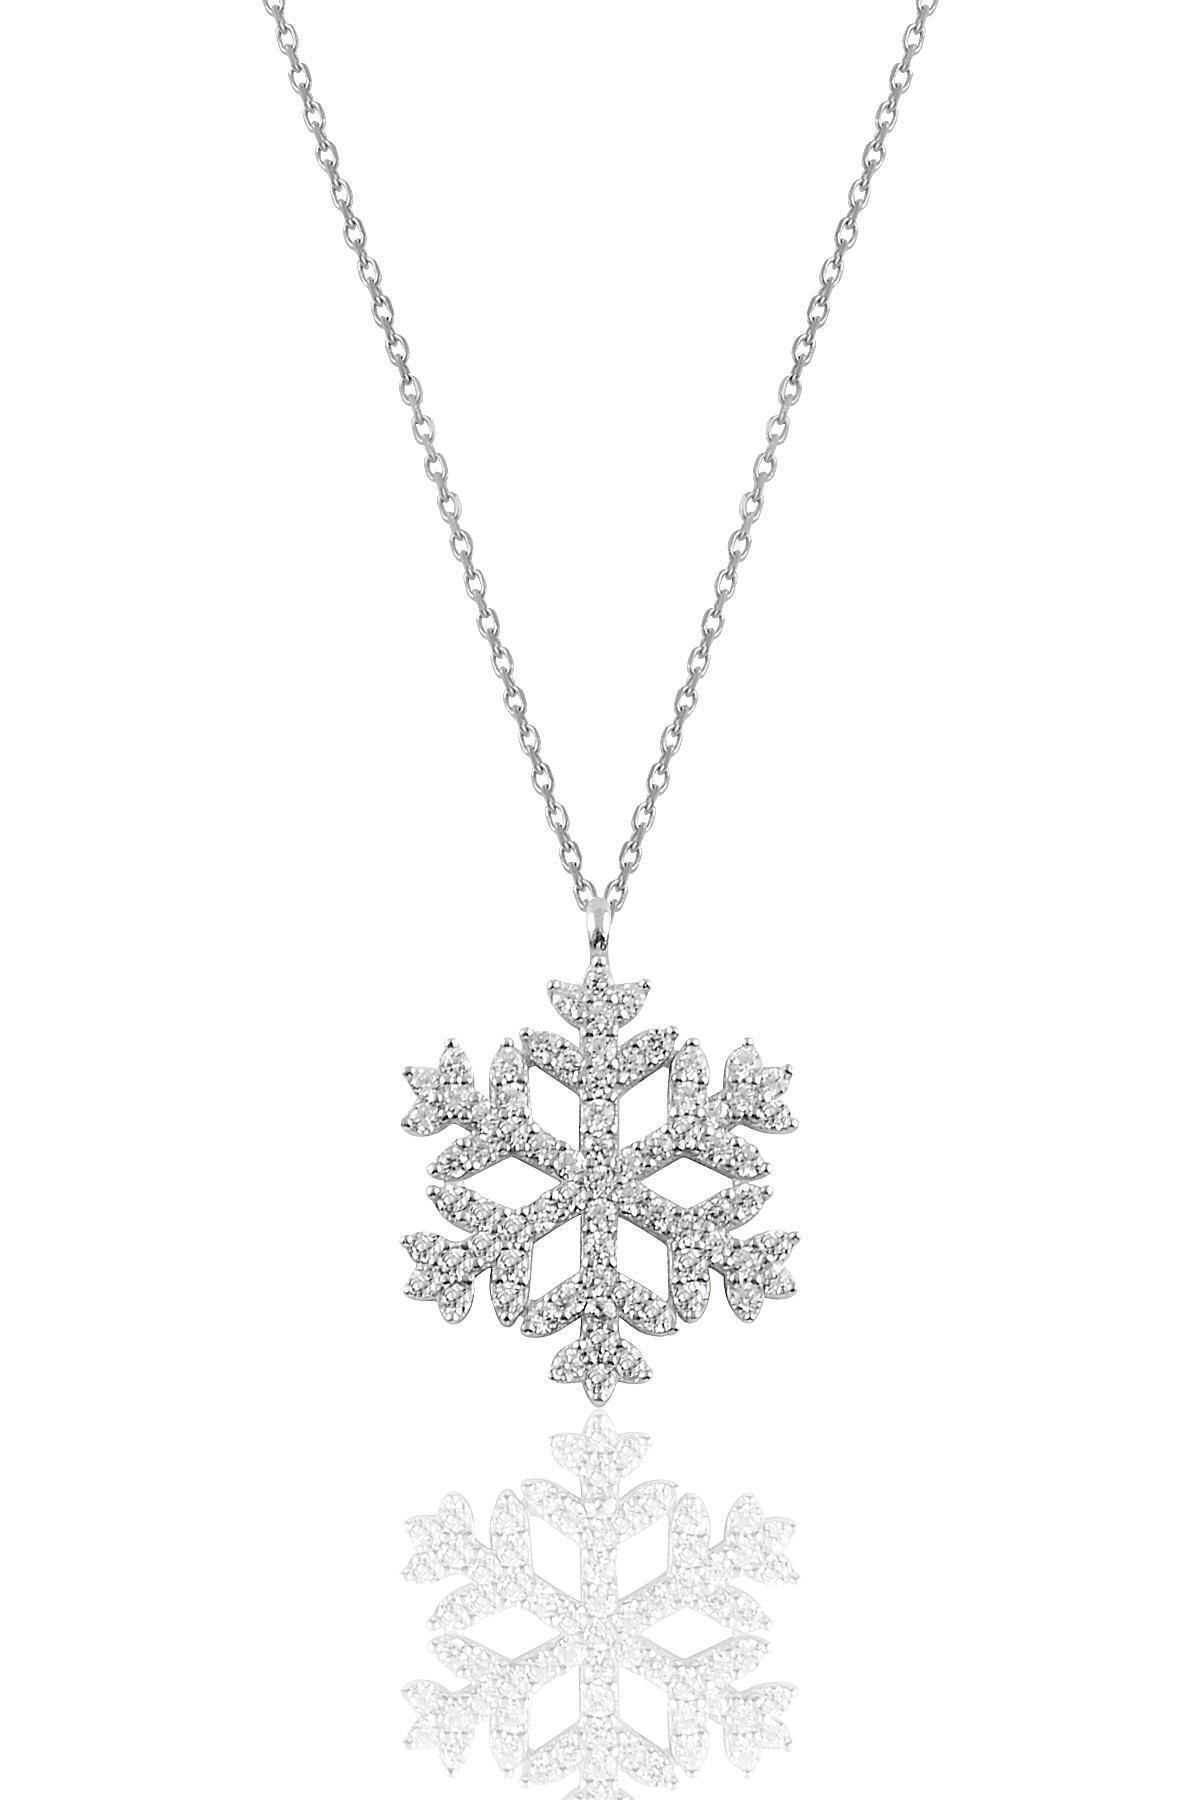 Söğütlü Silver Gümüş Rodyumlu Gümüş Kar Tanesi Kolye 1